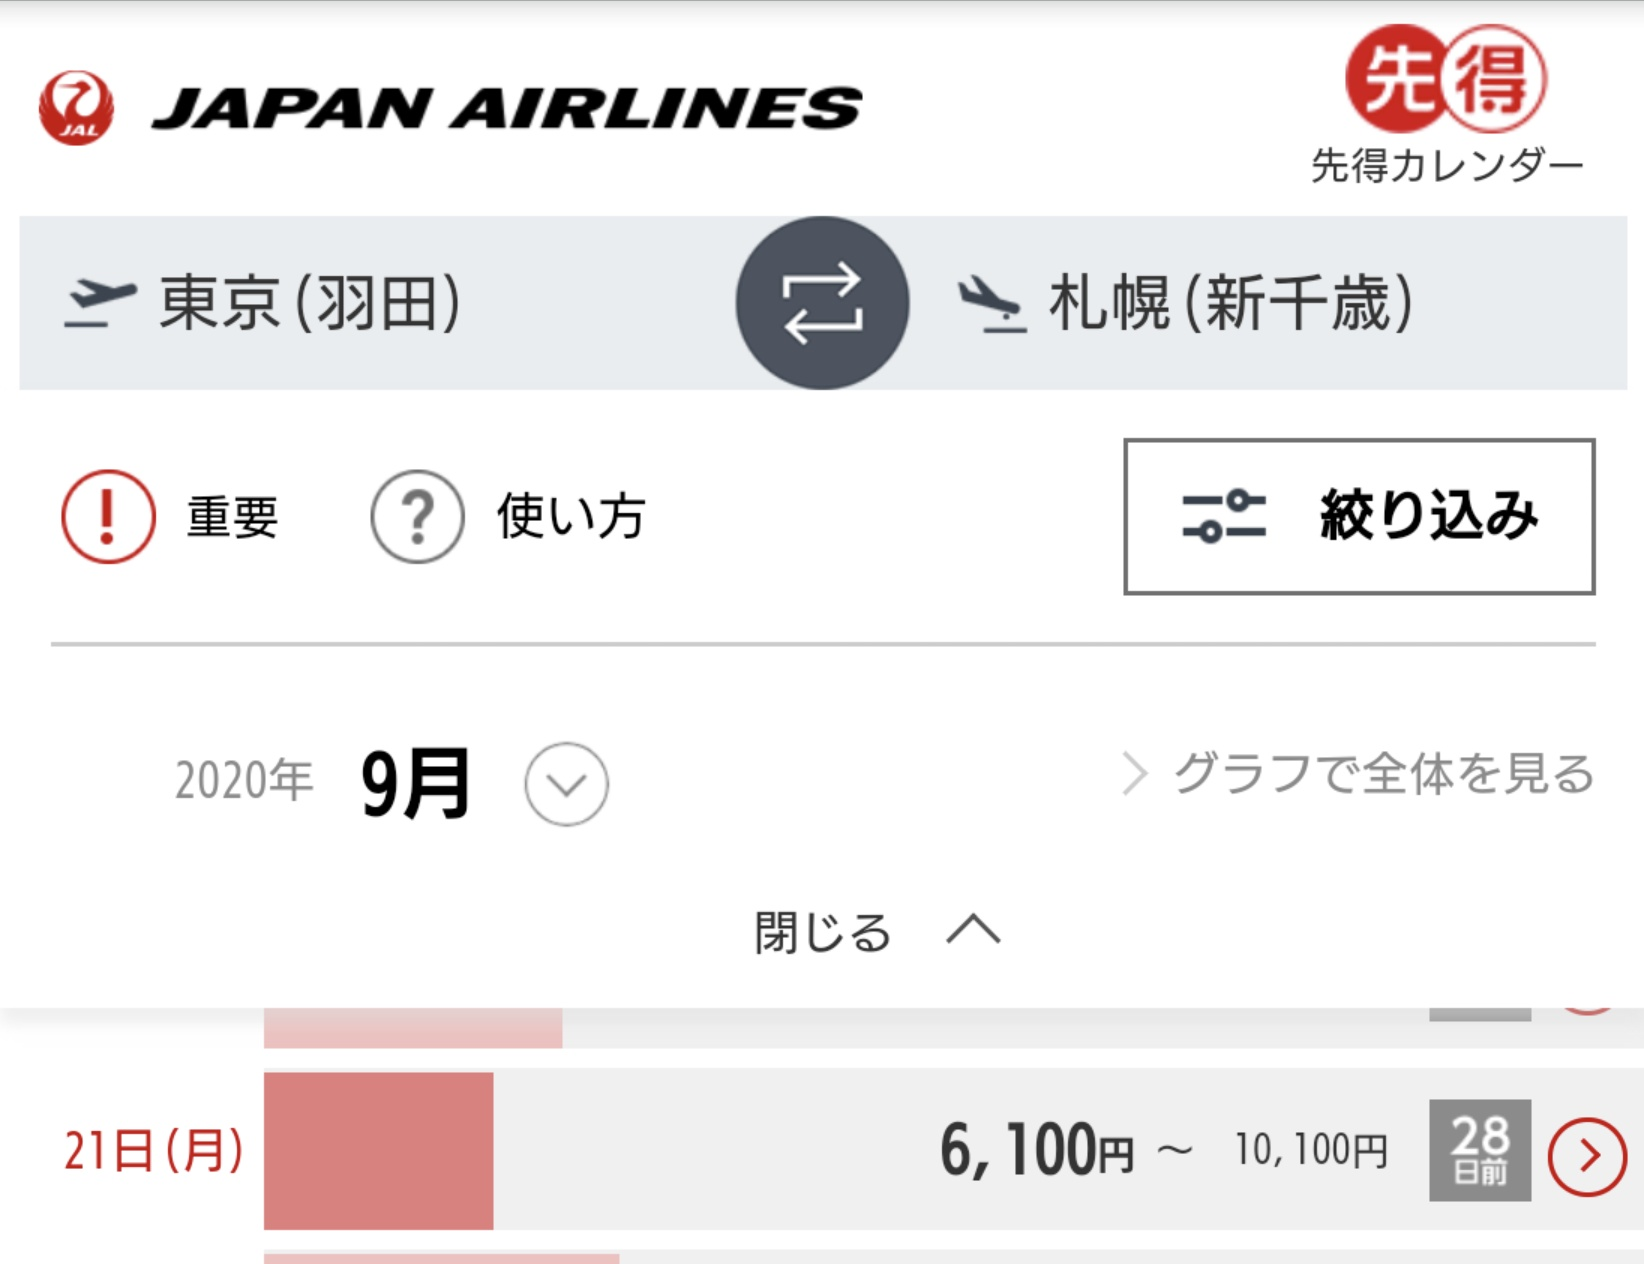 【激安】JALがコロナへの特別対応として割引運賃も含め取消手数料が無料に 東京-札幌が最安6100円でLCCに負けず劣らない破格 マイルが溜まるキャンペーンも